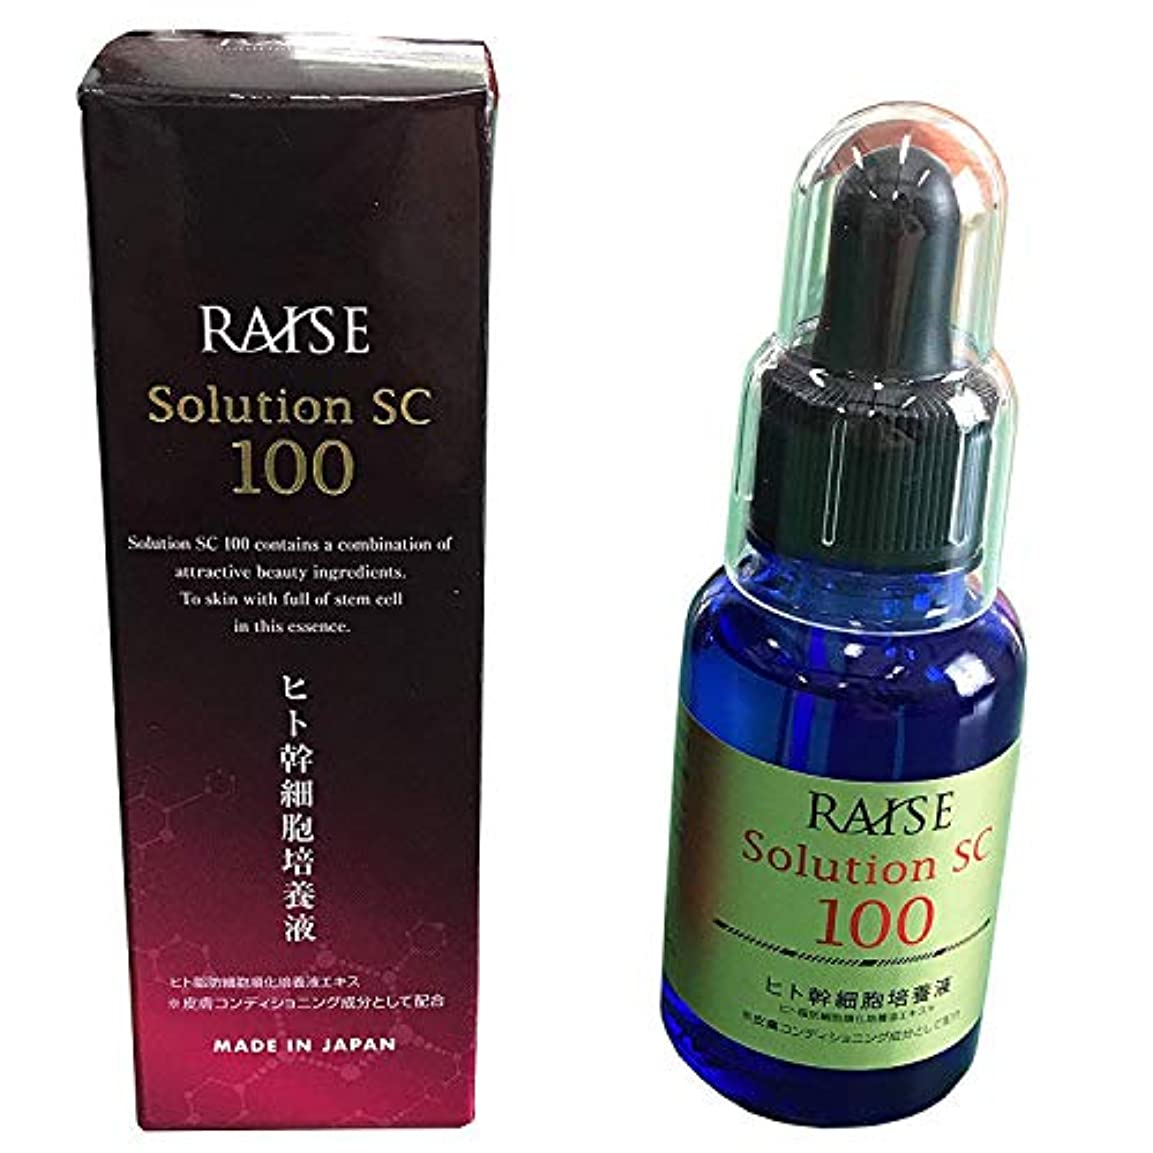 独立して流産租界RAISE (レイズ) ソリューション SC100 ヒト幹細胞 + 活性型 FGF 美容液 30ml